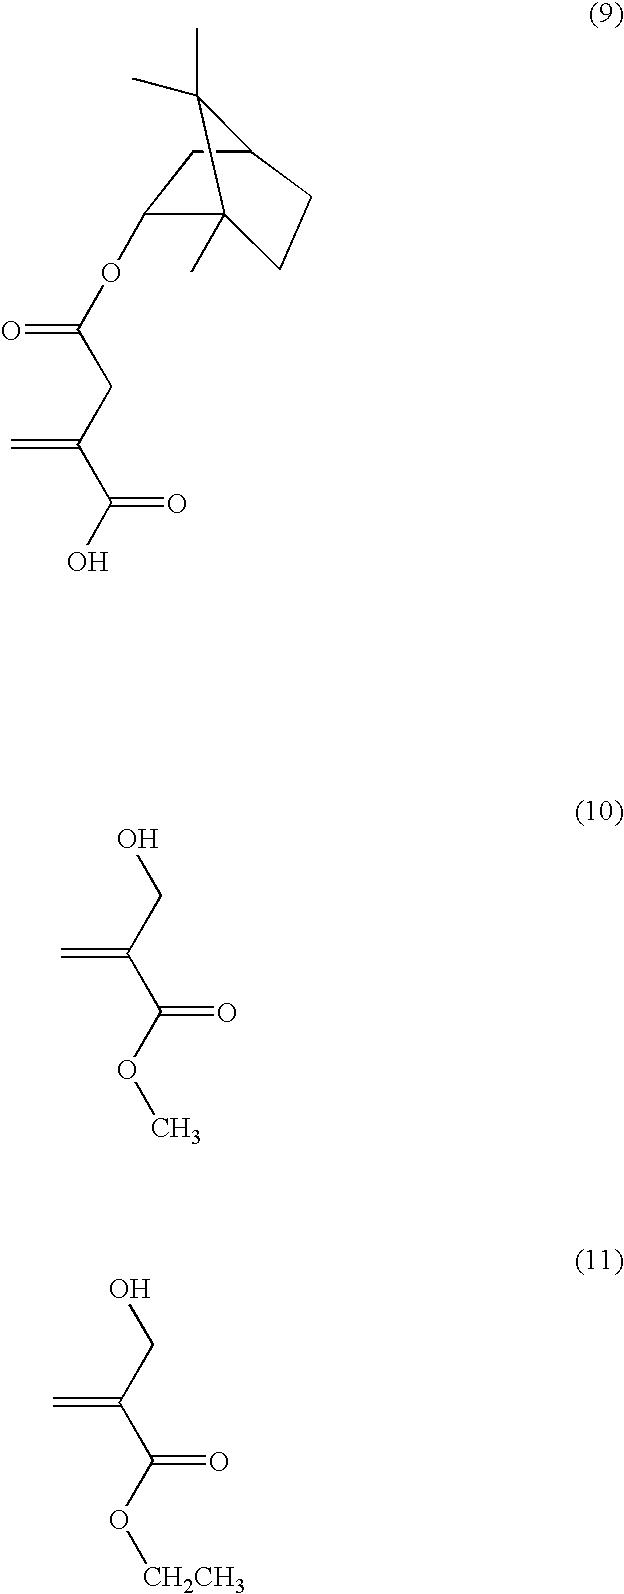 Figure US20060134545A1-20060622-C00005